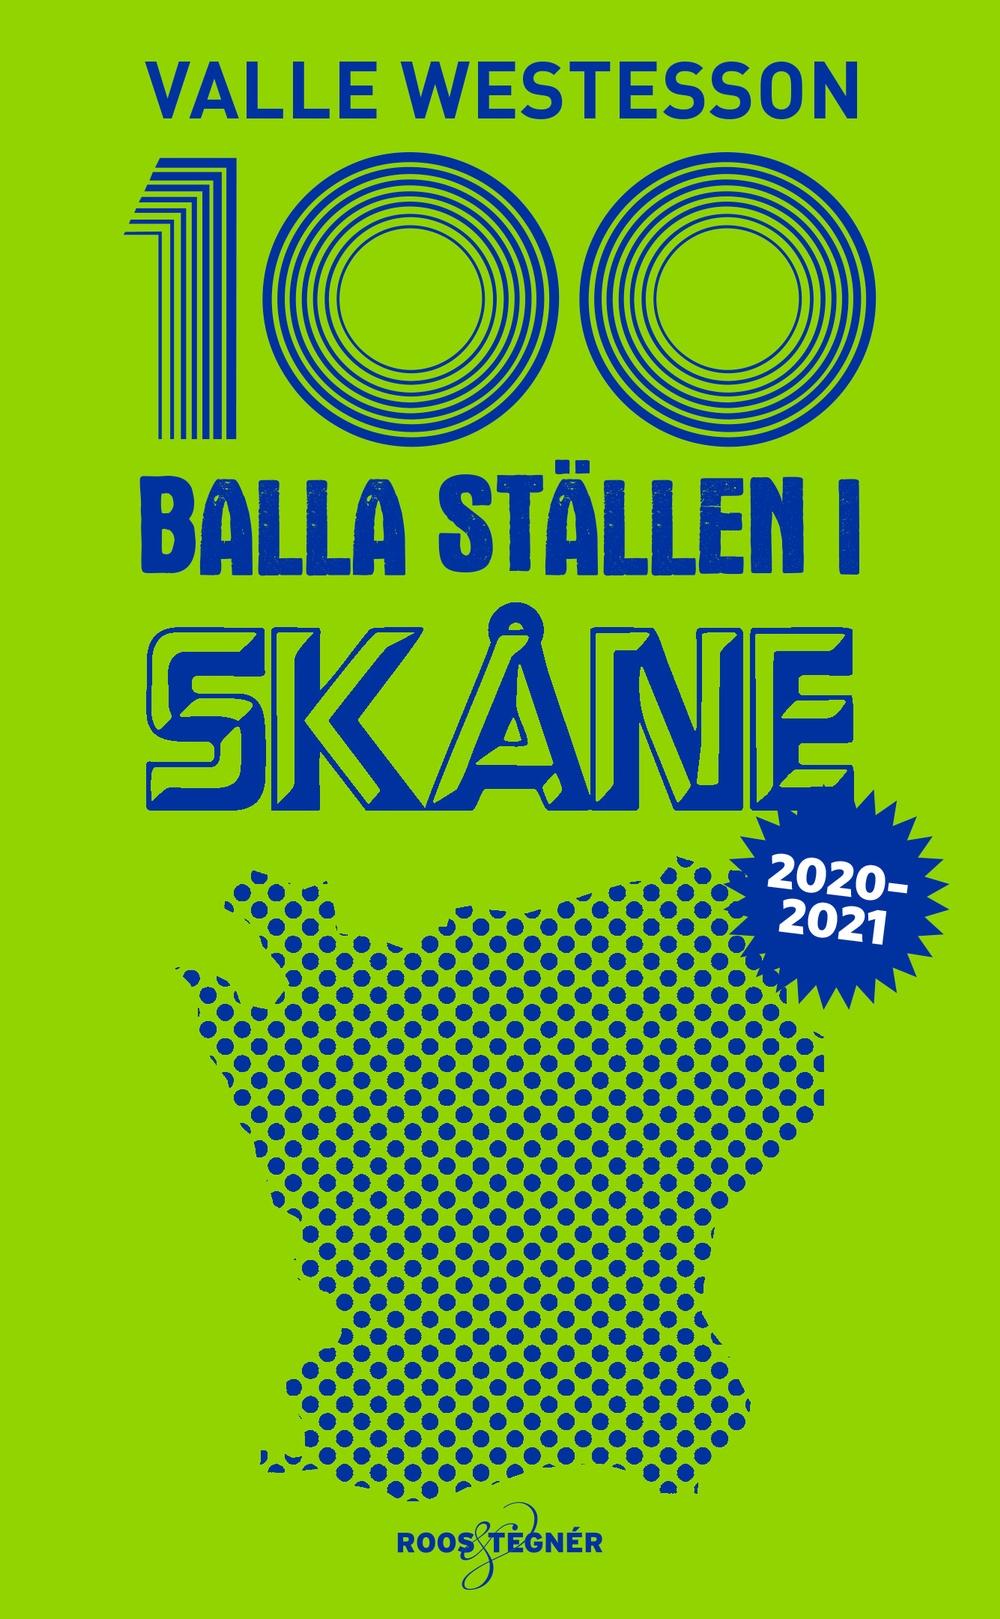 Boksomlsag: 100 balla ställen i Skåne 2020-2021